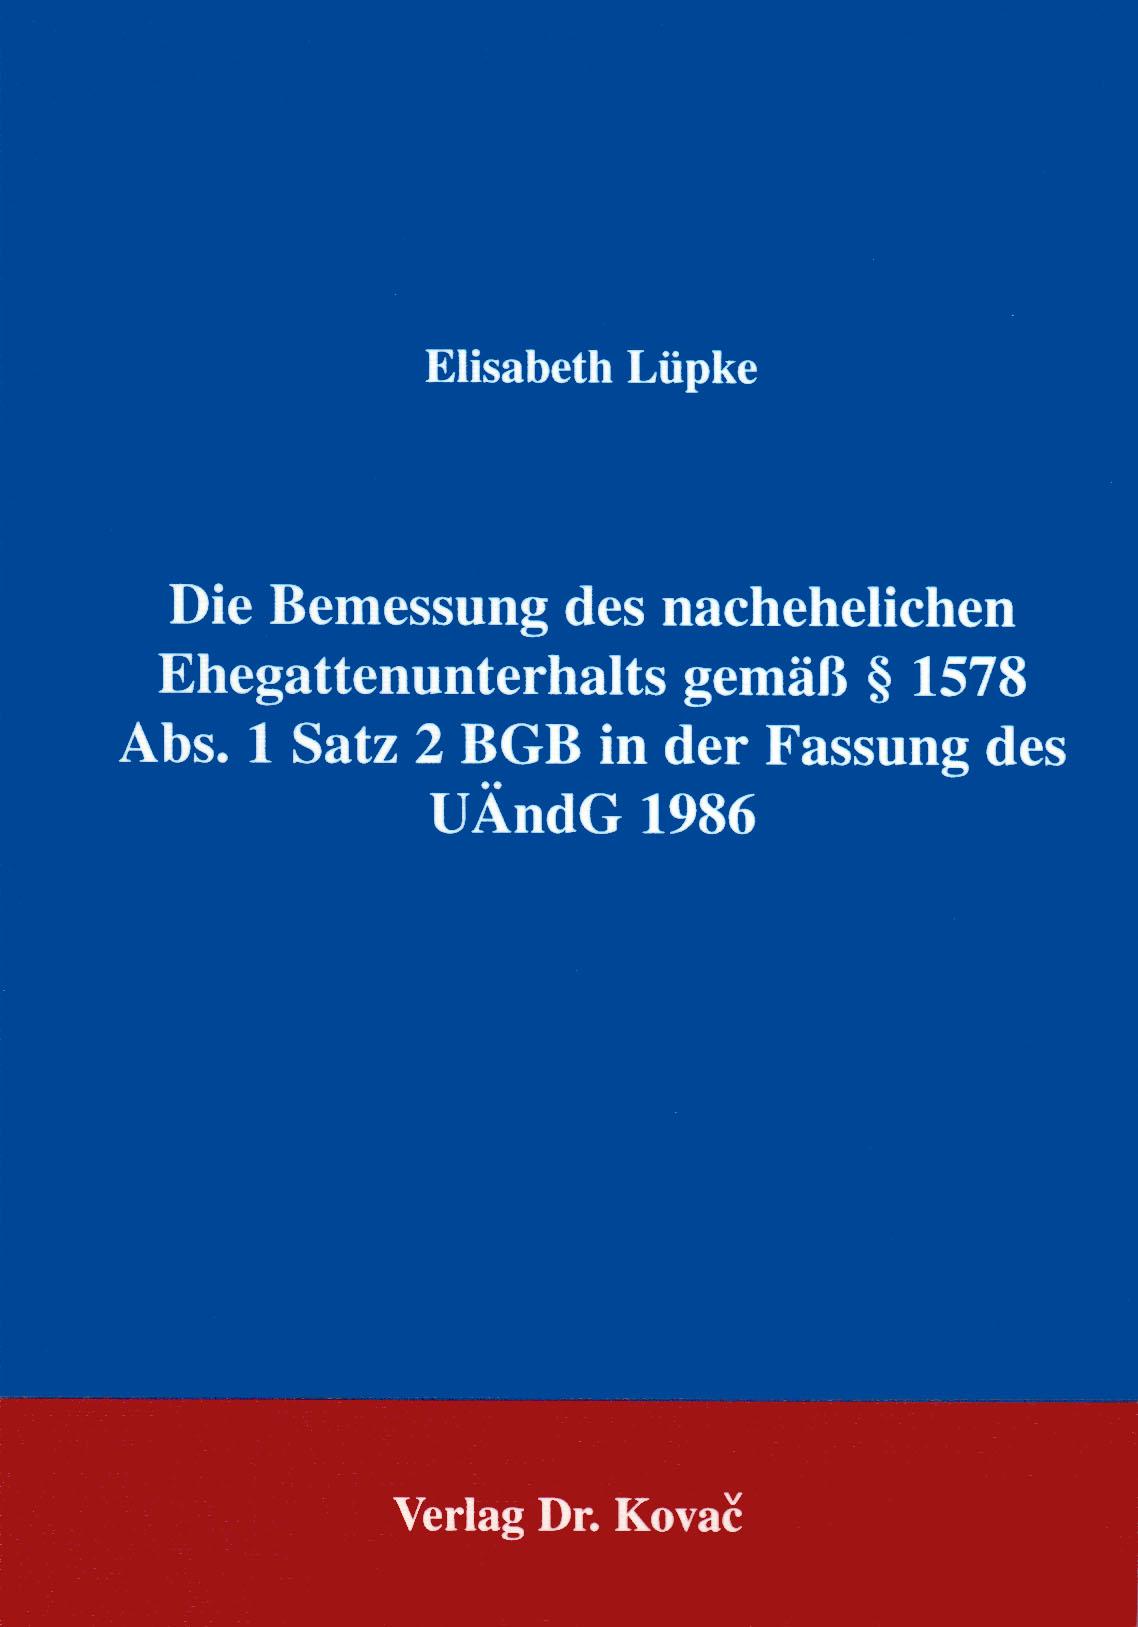 Cover: Die Bemessung des nachehelichen Ehegattenunterhalts gemäß §1578 Abs. 1 Satz 2 BGB in der Fassung UÄndG 1986